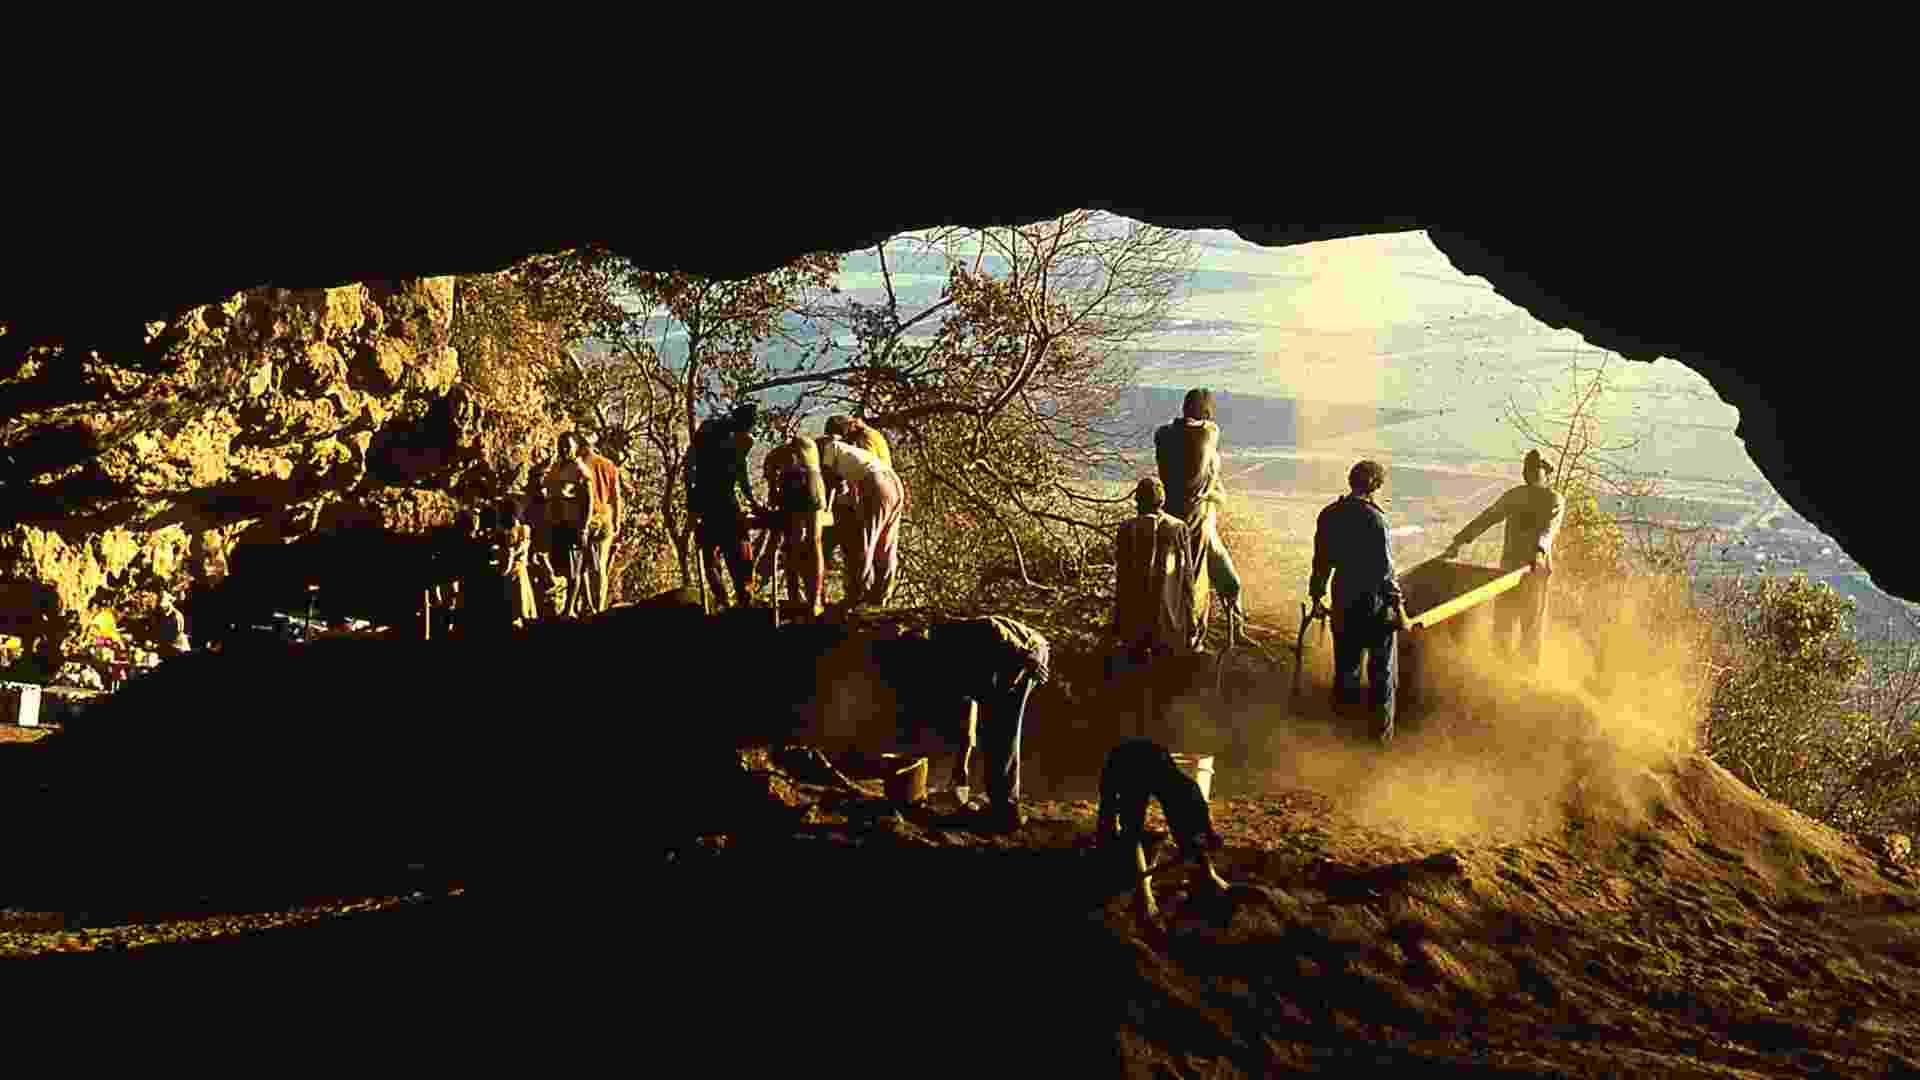 01.ago.2012 - Imagem mostra trabalhadores em uma caverna na África do Sul. Pesquisadores descobriram que a Idade da Pedra começou nessa parte do país 20 mil anos antes do que se estimava, mais ou menos na mesma época em que os humanos começaram a migrar da África para o continente Europeu, de acordo com equipe da Universidade de Coloradou Boulder  - AFP/Cortesia de Paola Villa, Universidade do Colorado